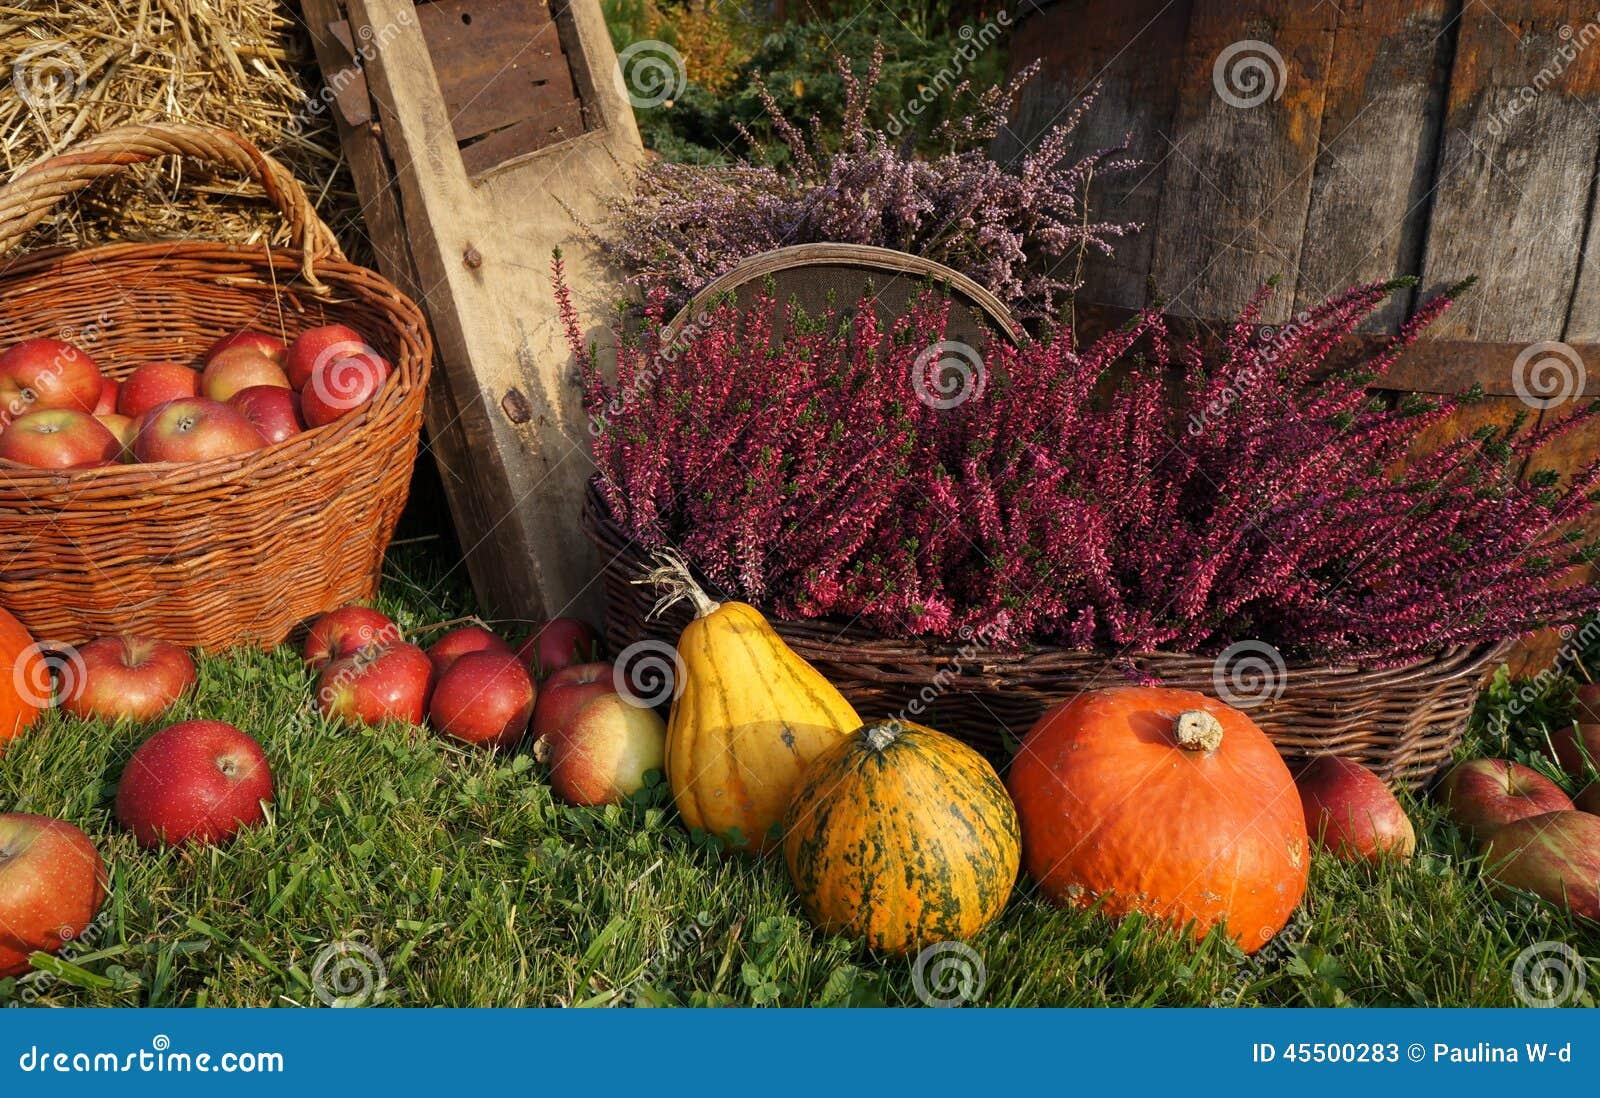 Décoration d automne, potirons, courge, fleurs de bruyère et panier en osier avec des pommes